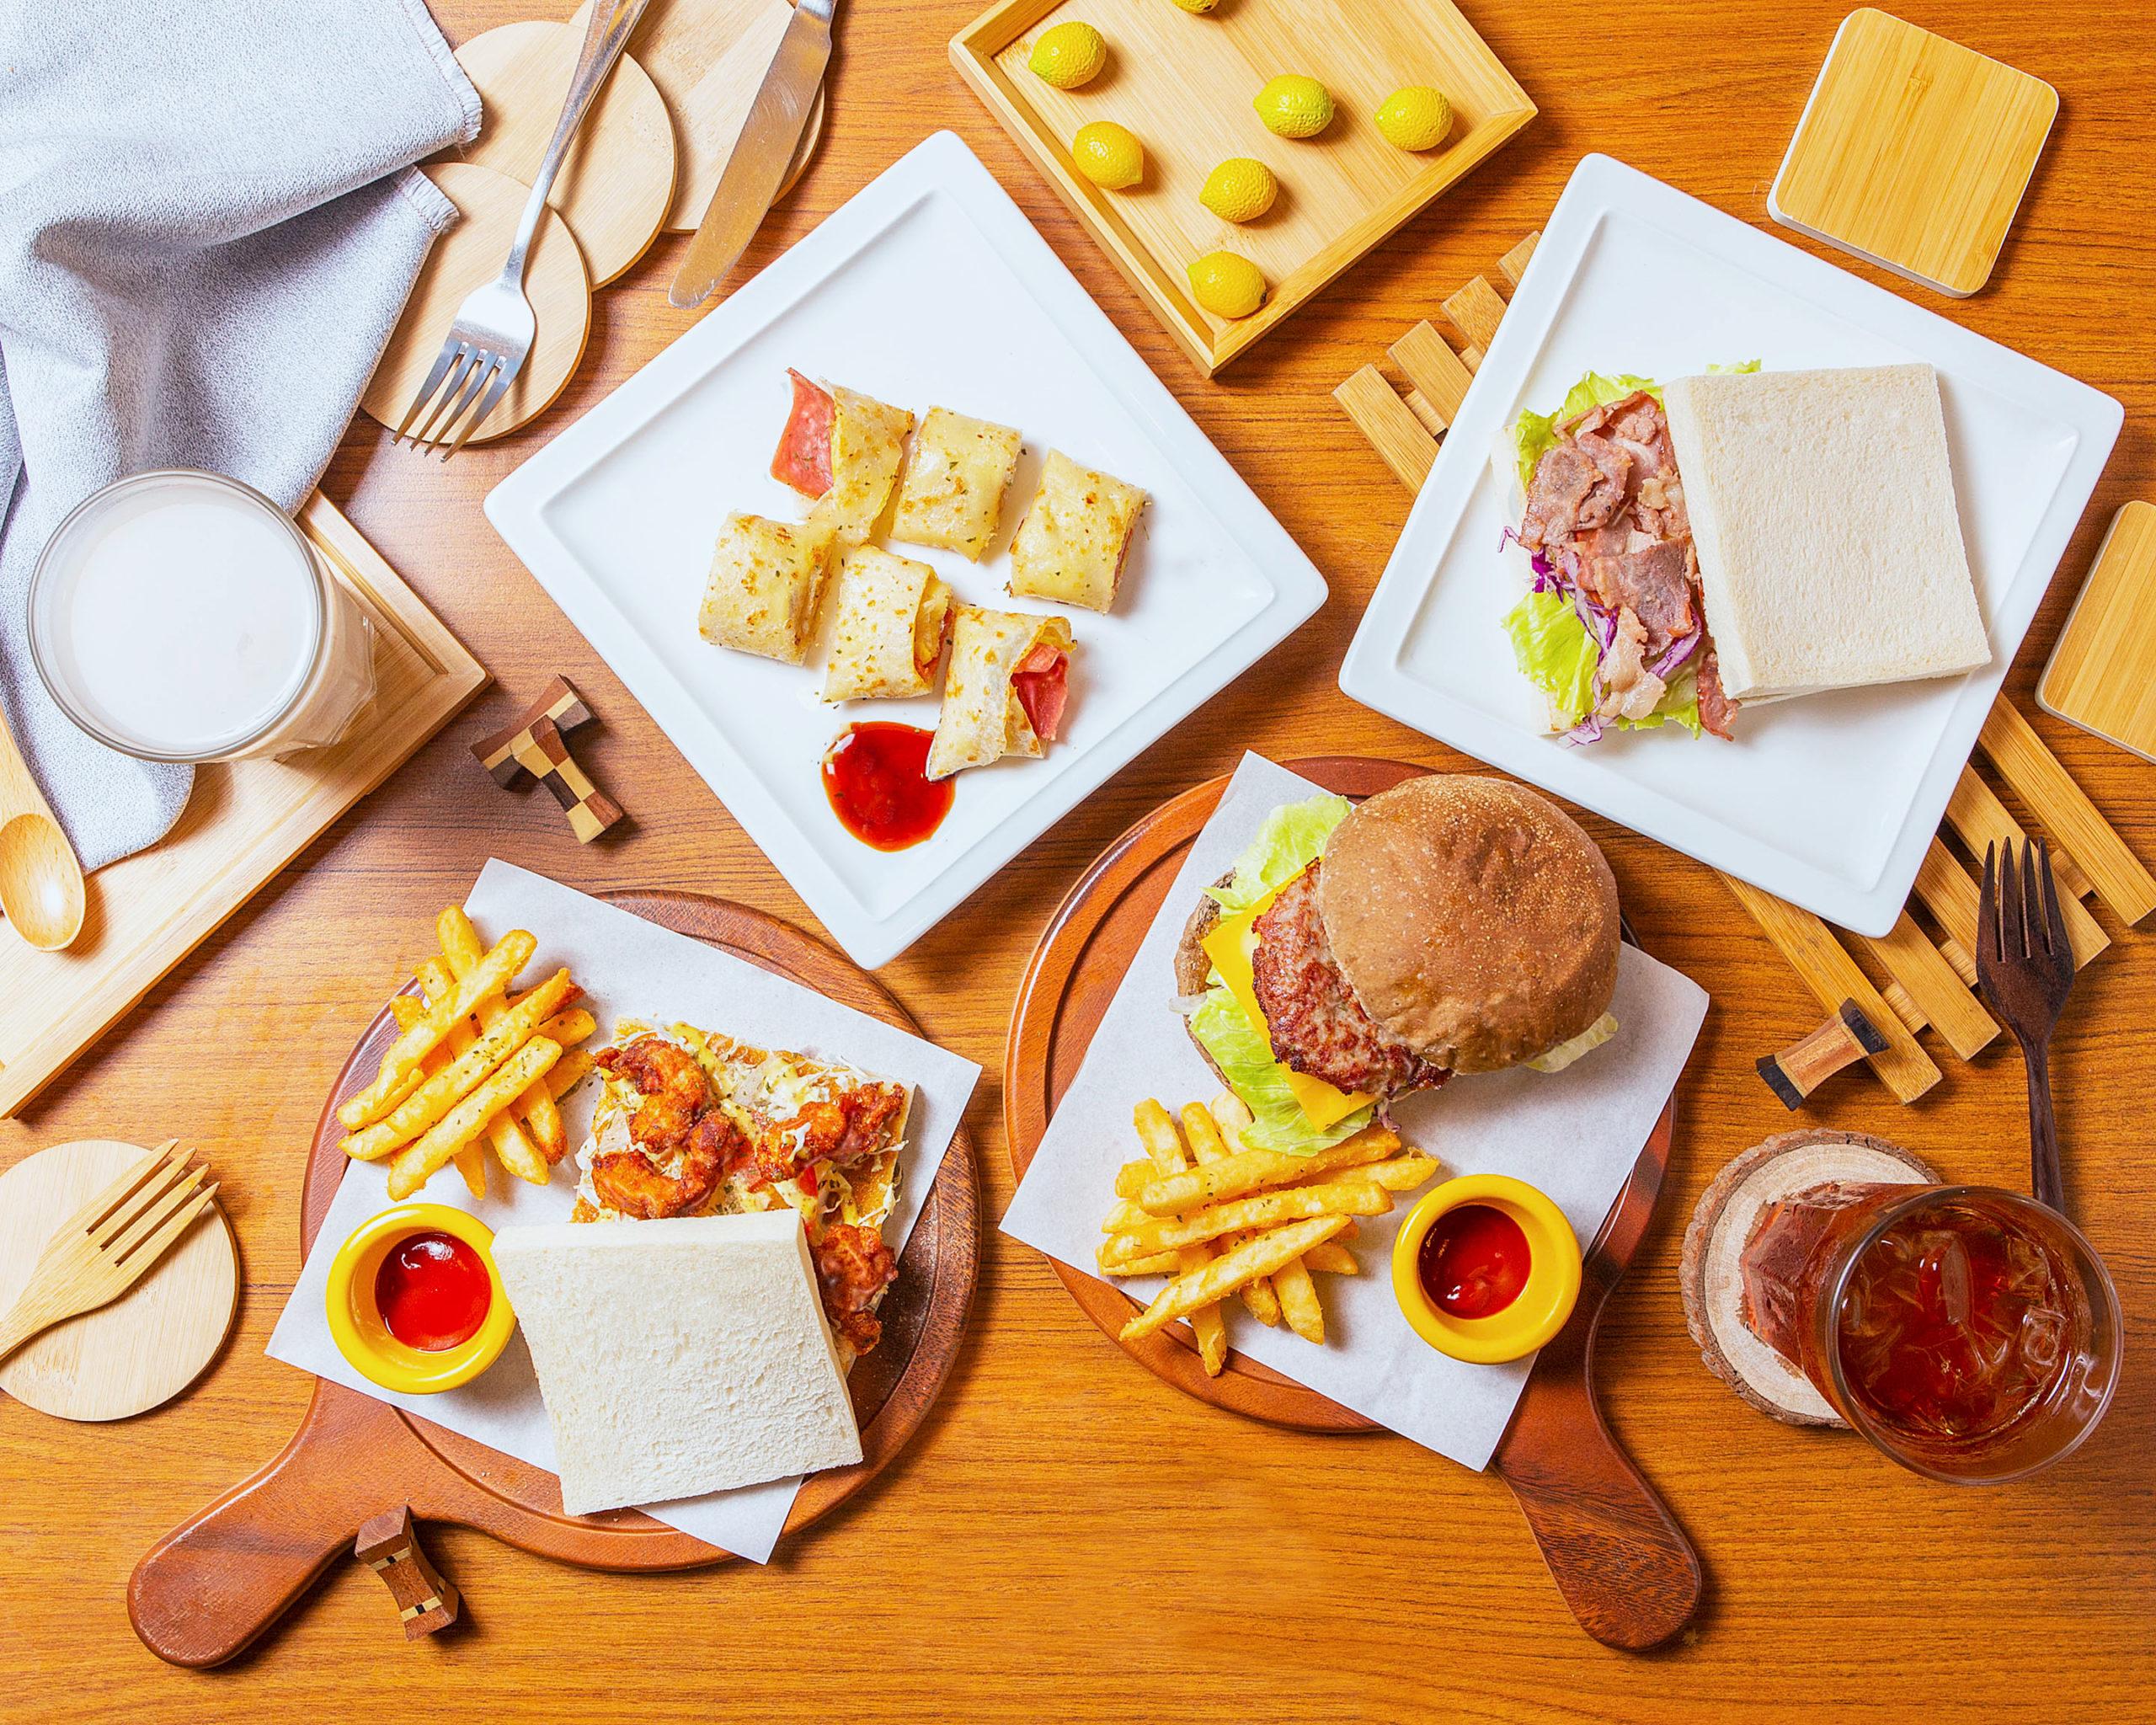 【YAHOO專訪】健康美味CP值高的早餐店,有可能存在嗎?